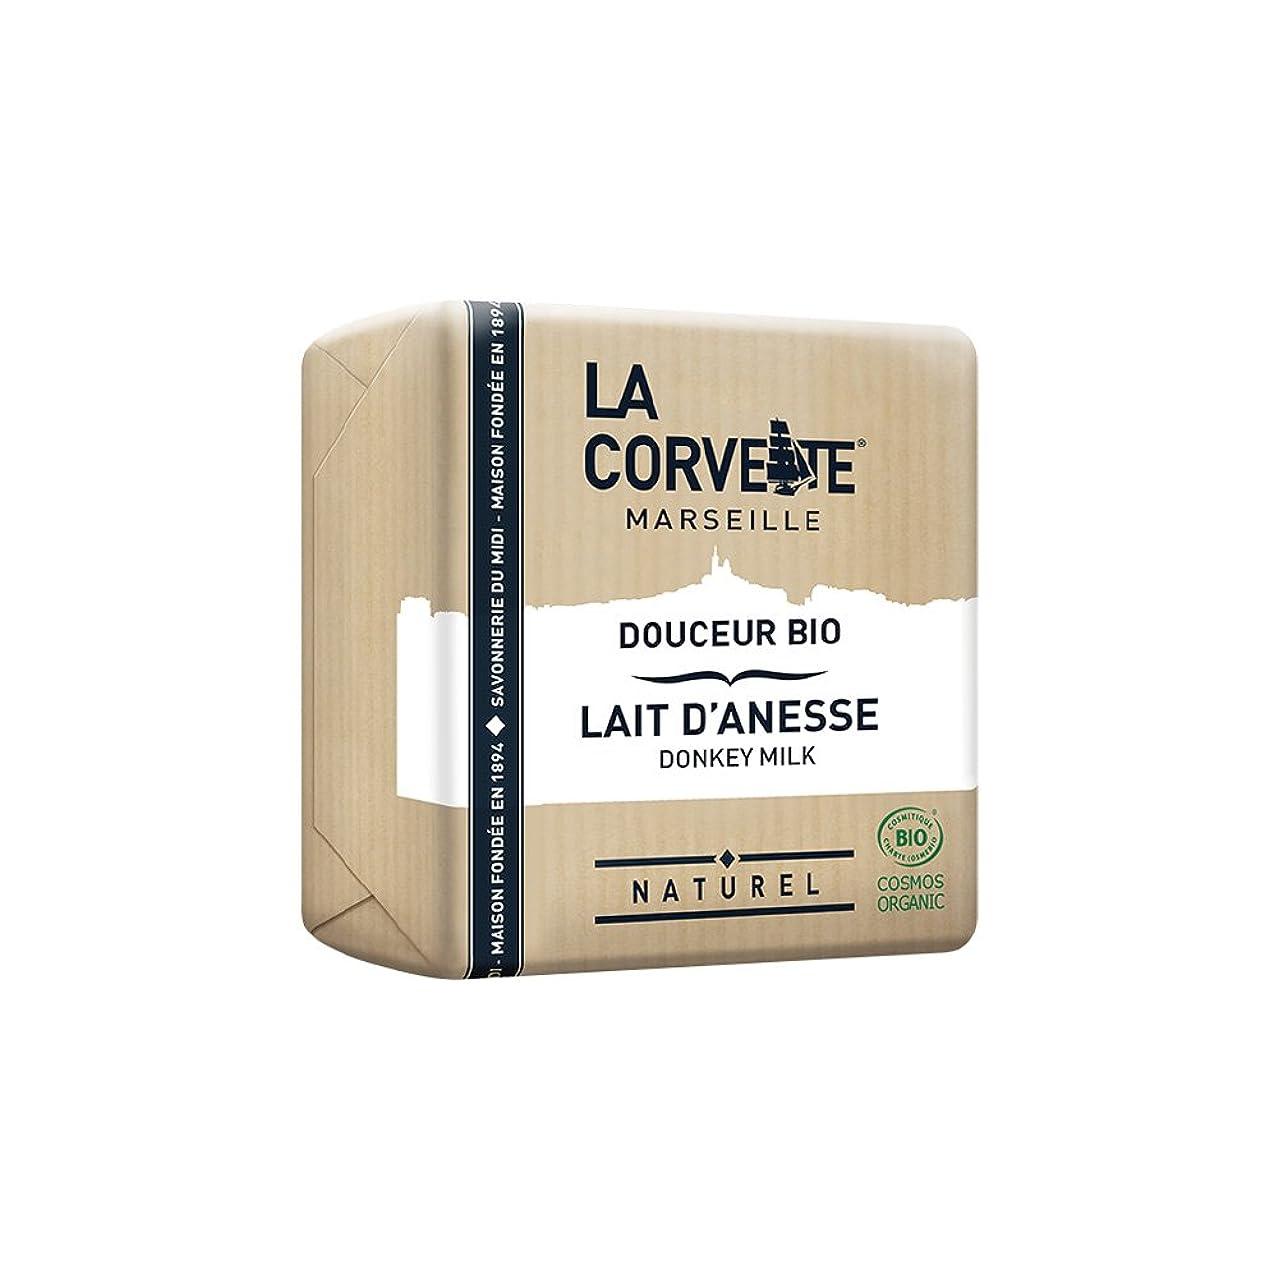 船外帳面挑発するLa Corvette(ラ?コルベット) サボン?ドゥスール?ビオ ドンキーミルク 100g